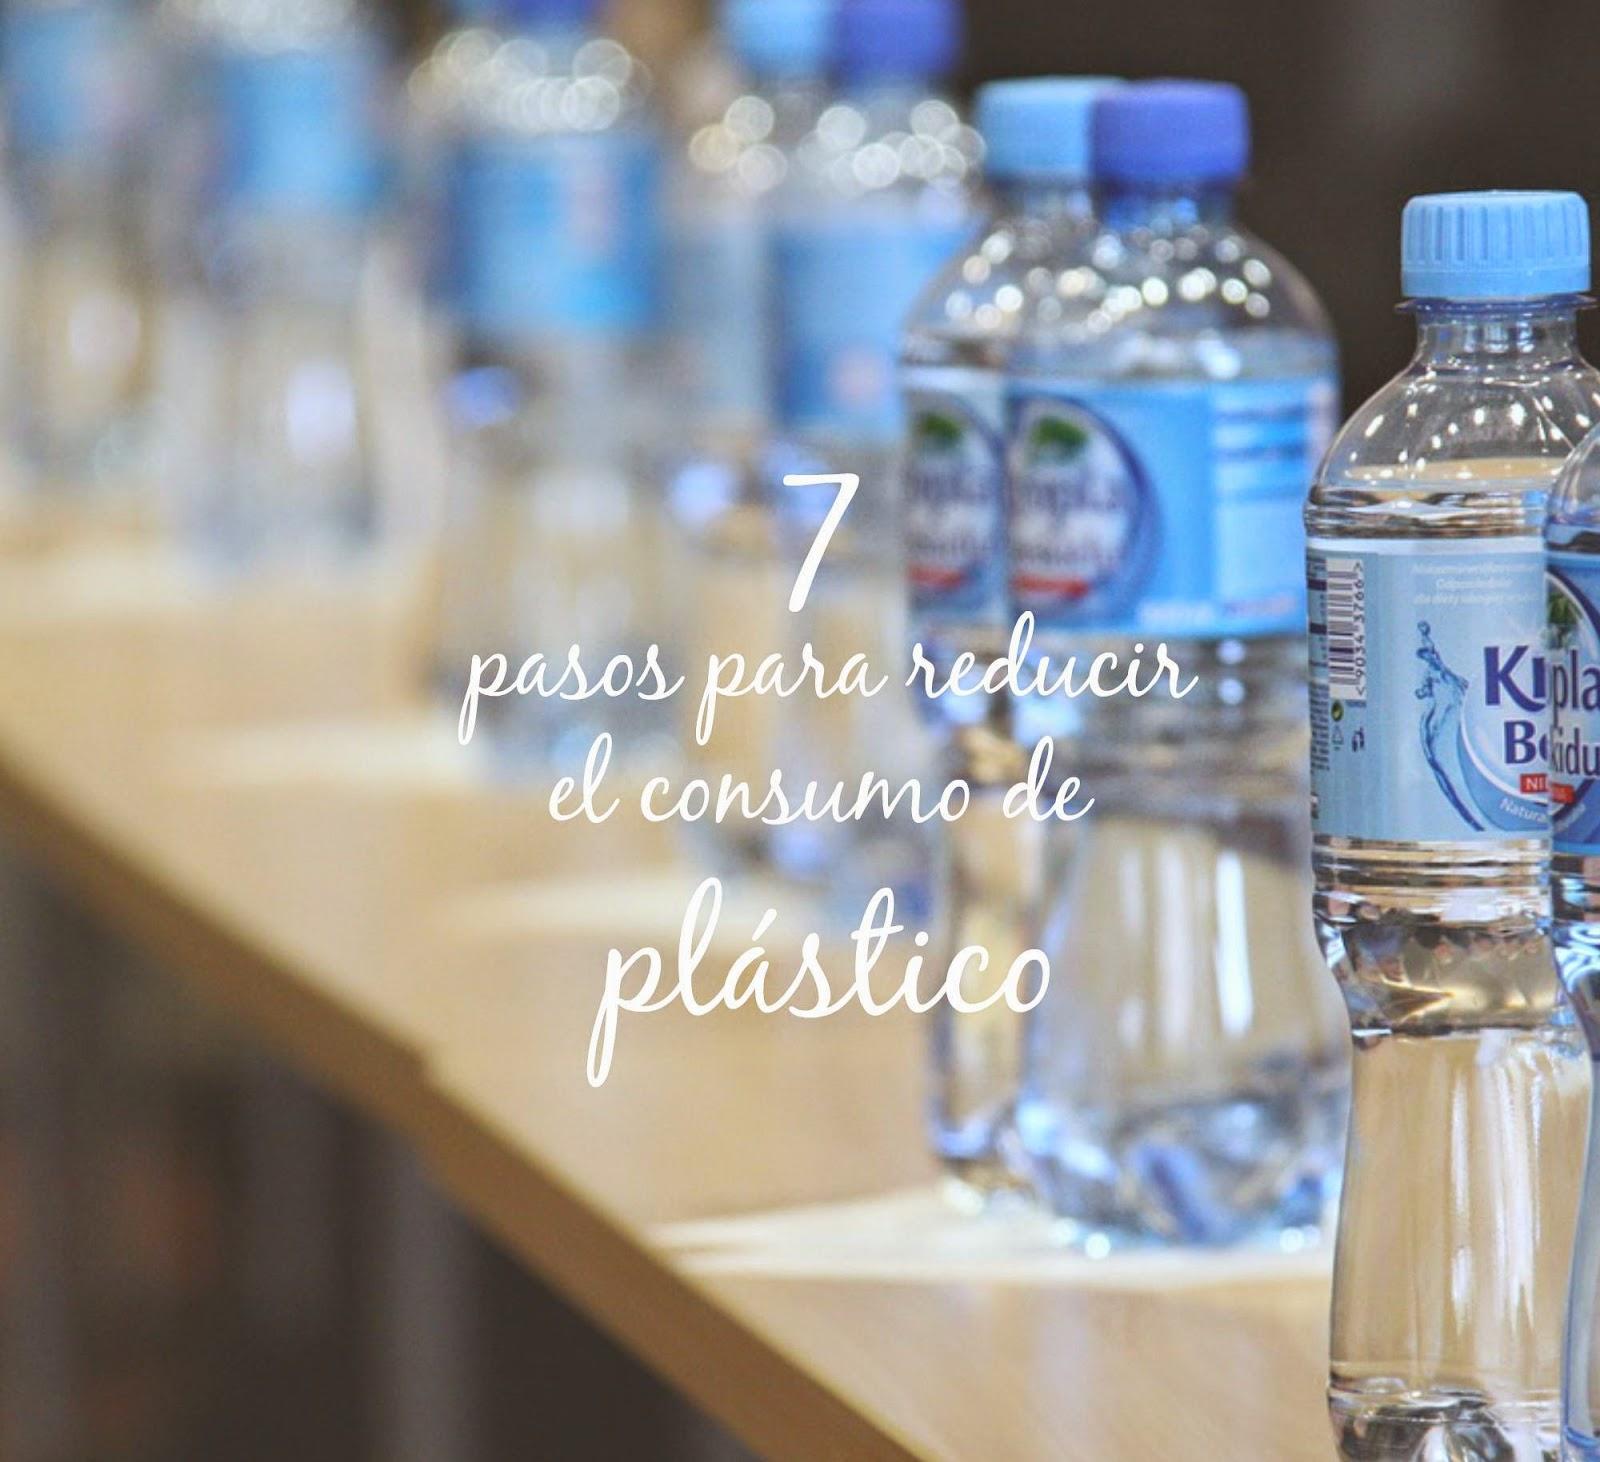 pasos-para-reducir-plástico